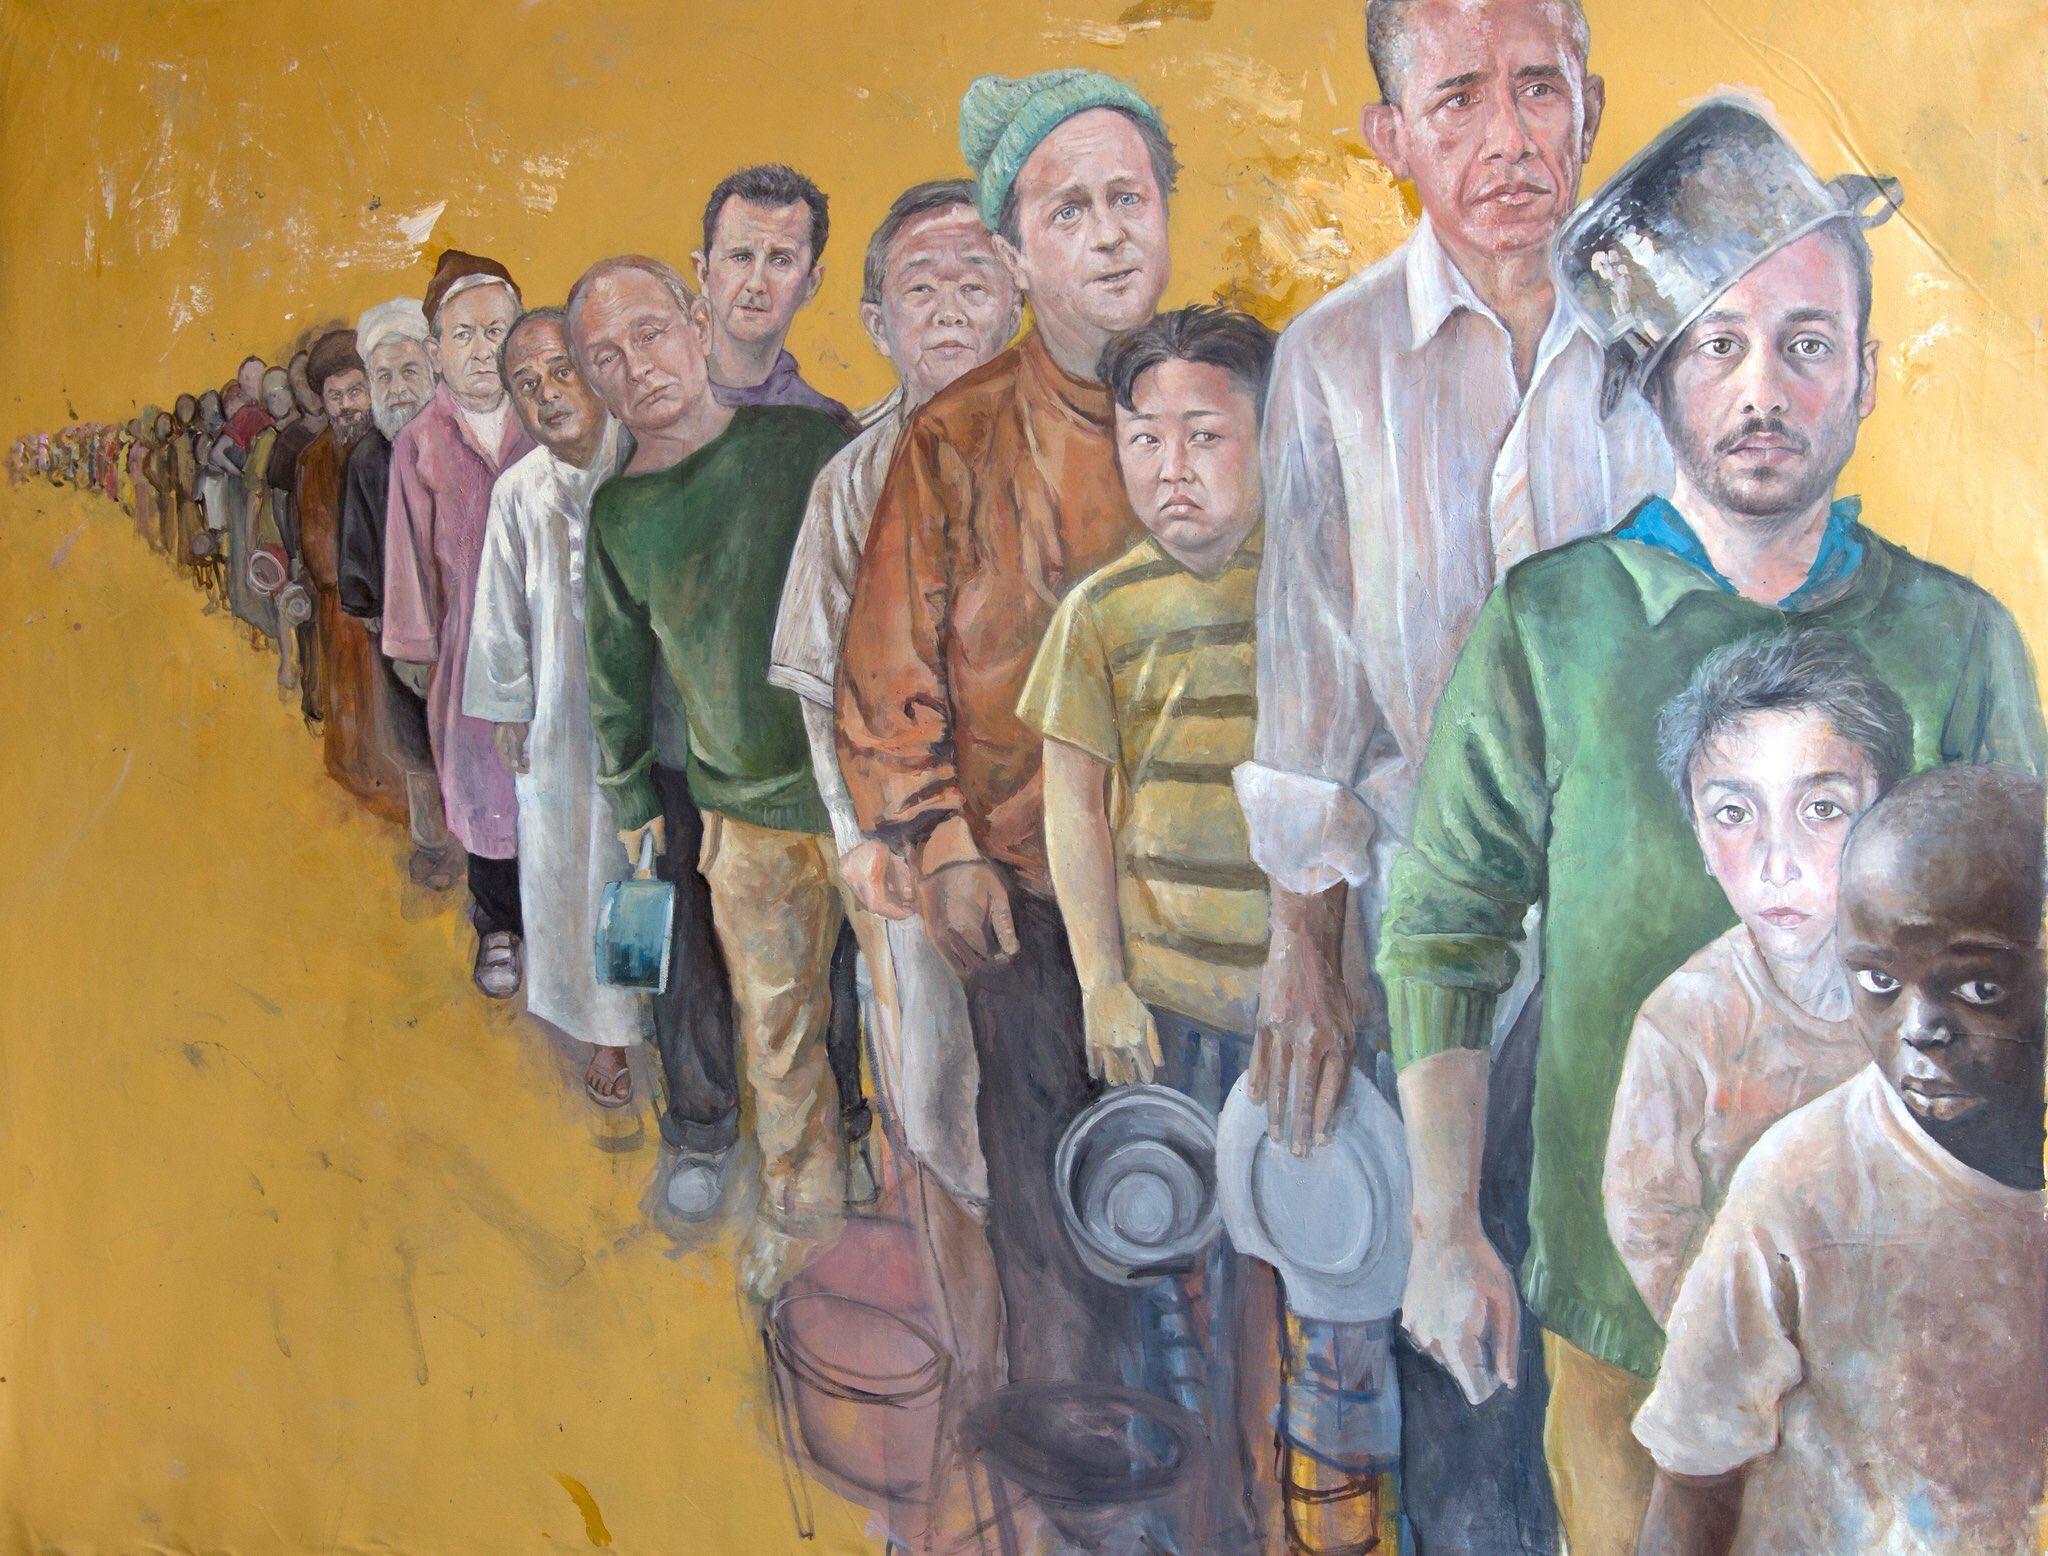 ozgur_gazete_kibris_Suriyeli_ressamdan_liderleri_multeci_olarak_cizdi4